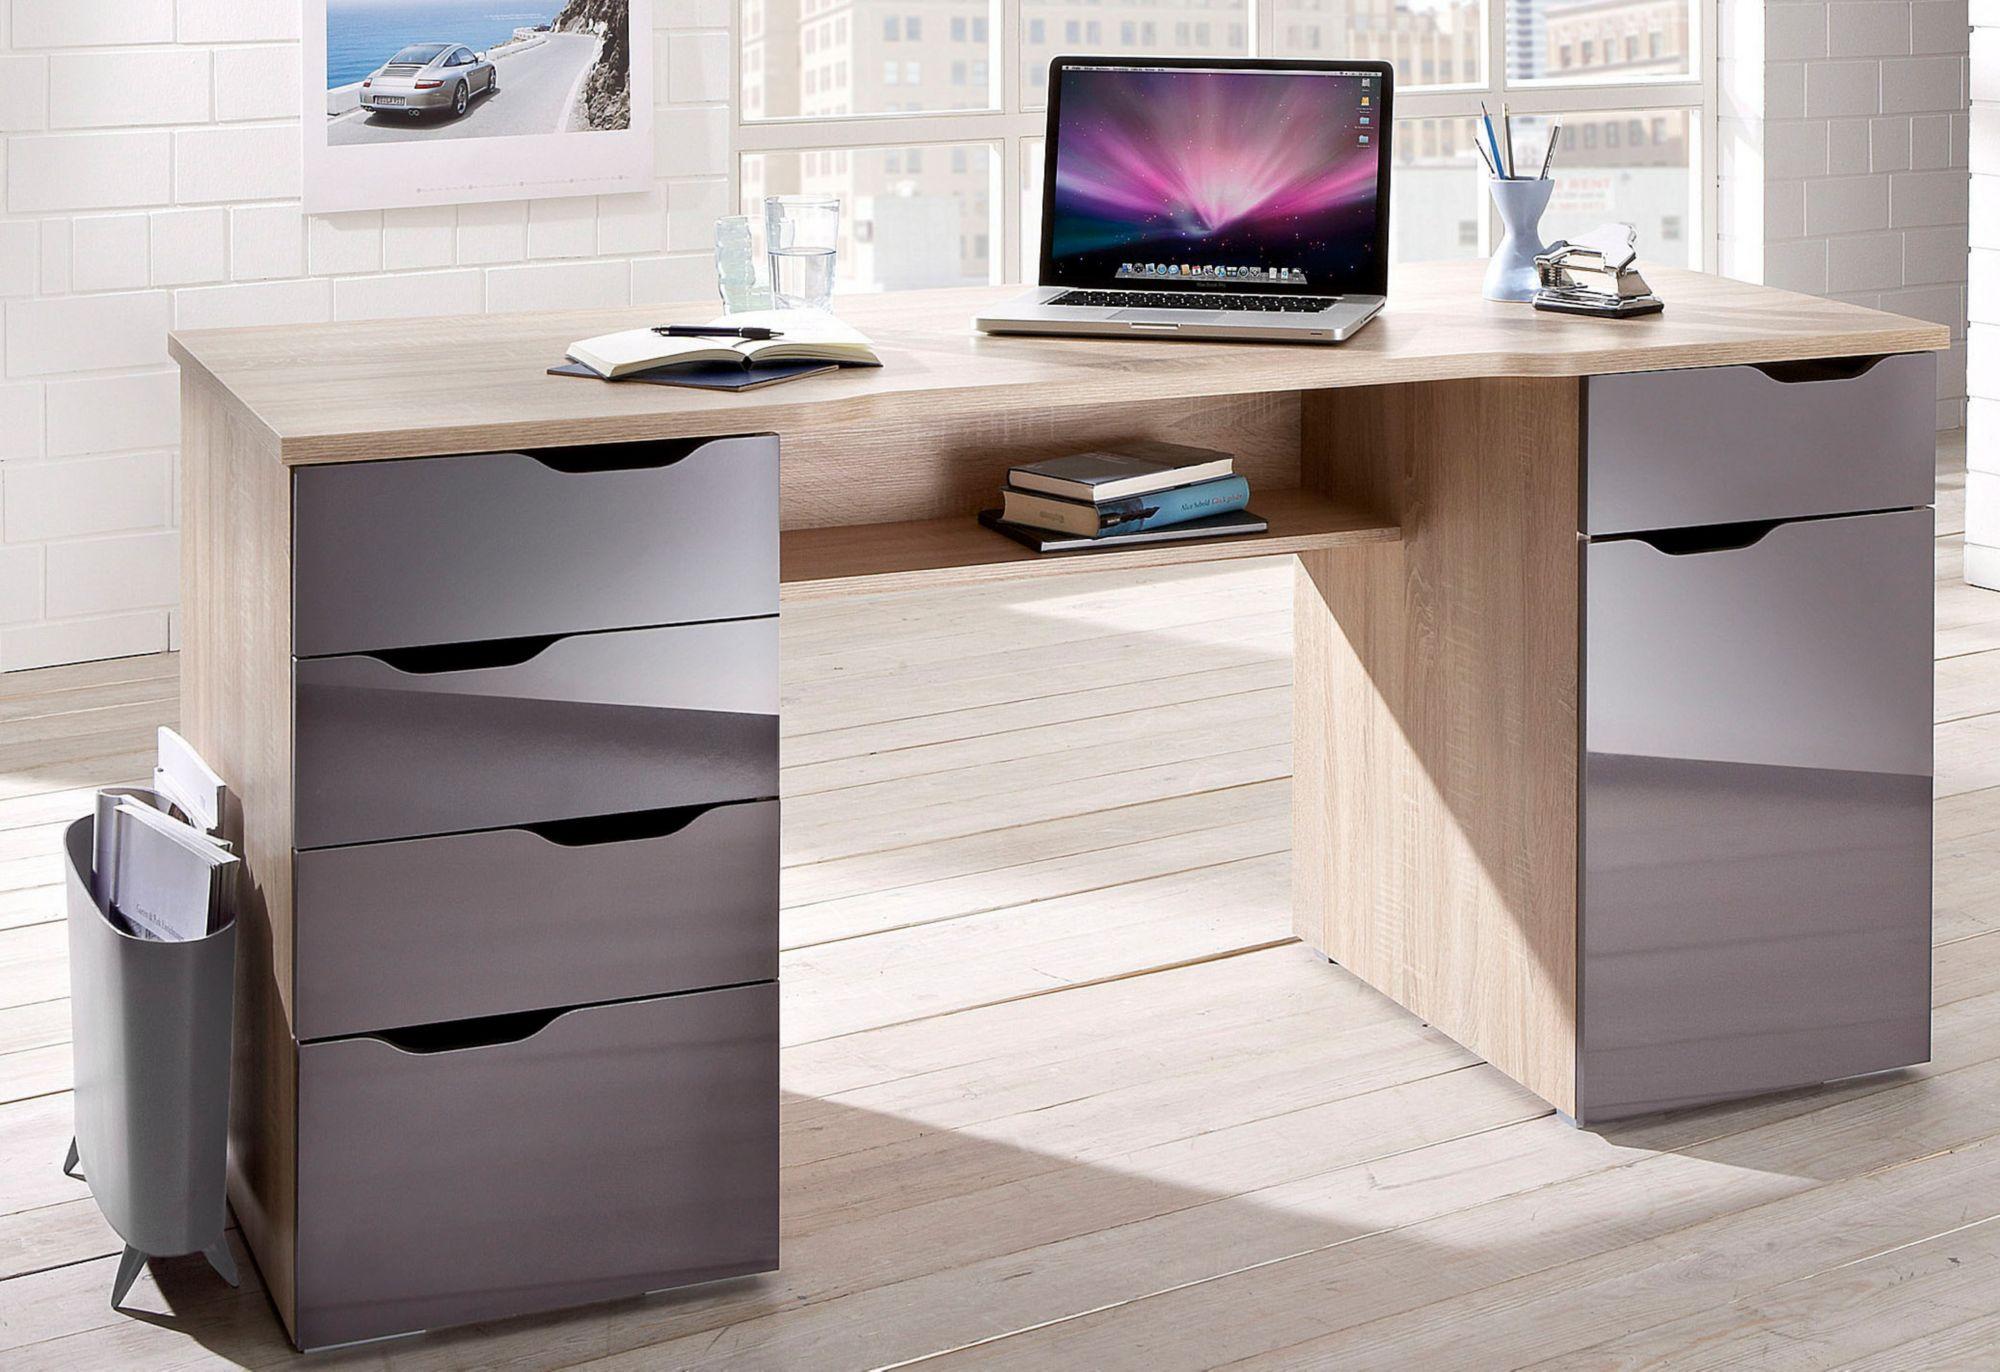 schreibtisch maja m bel cuba schwab versand. Black Bedroom Furniture Sets. Home Design Ideas